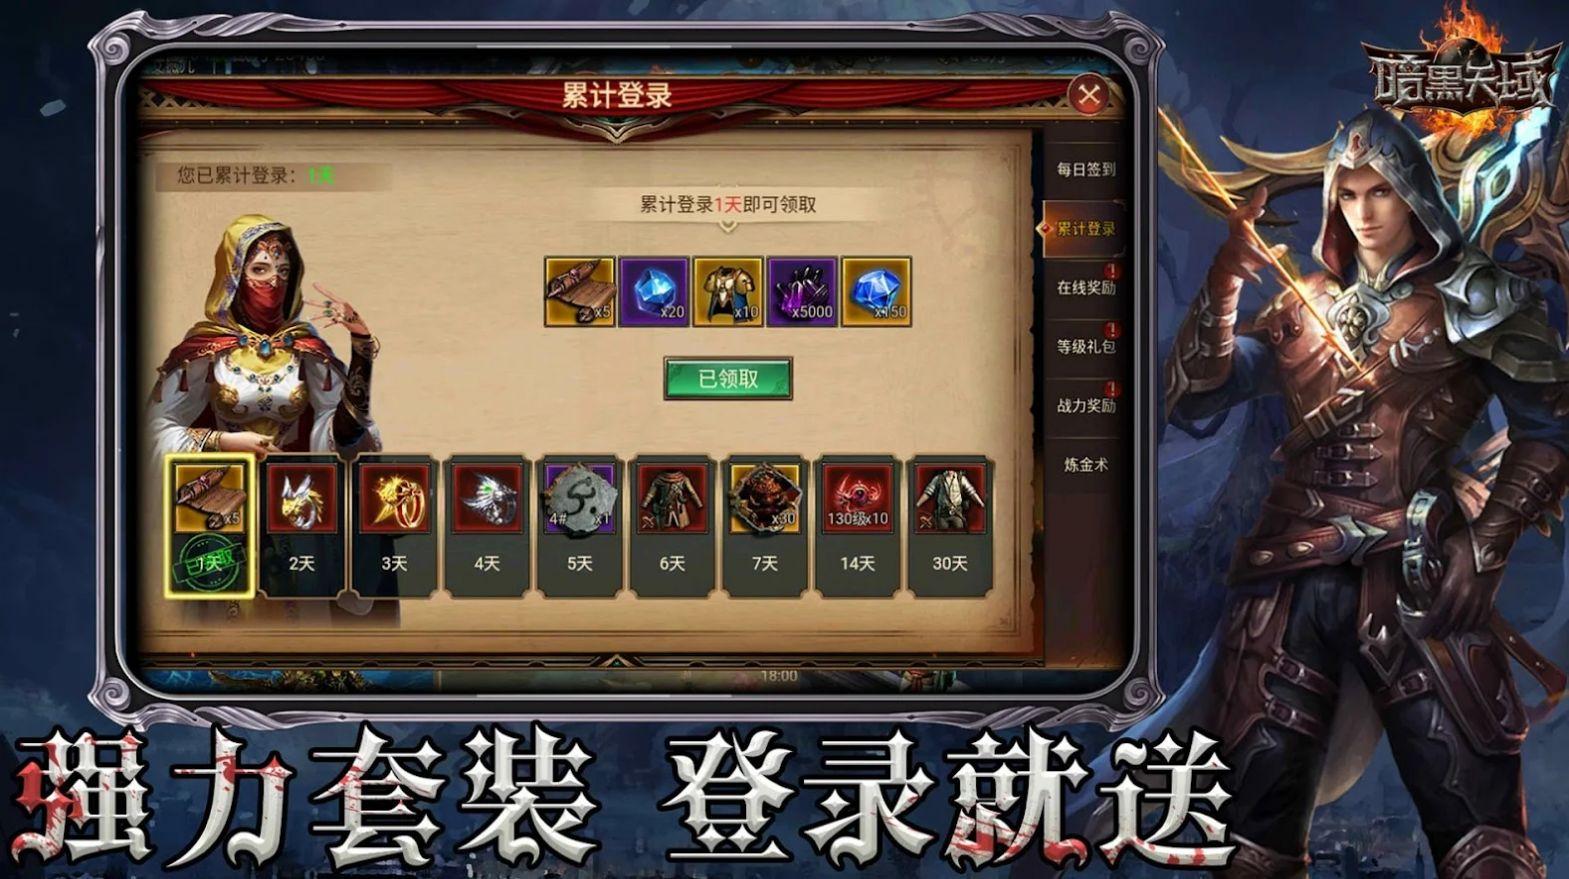 暗黑天域手游官方最新版图3: